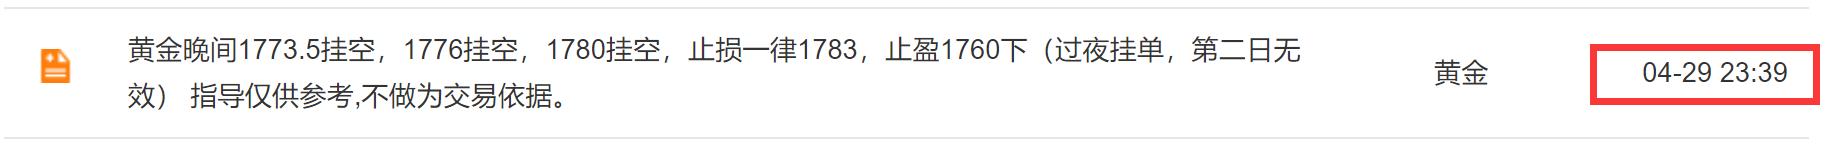 4.29黄金空单止盈.png